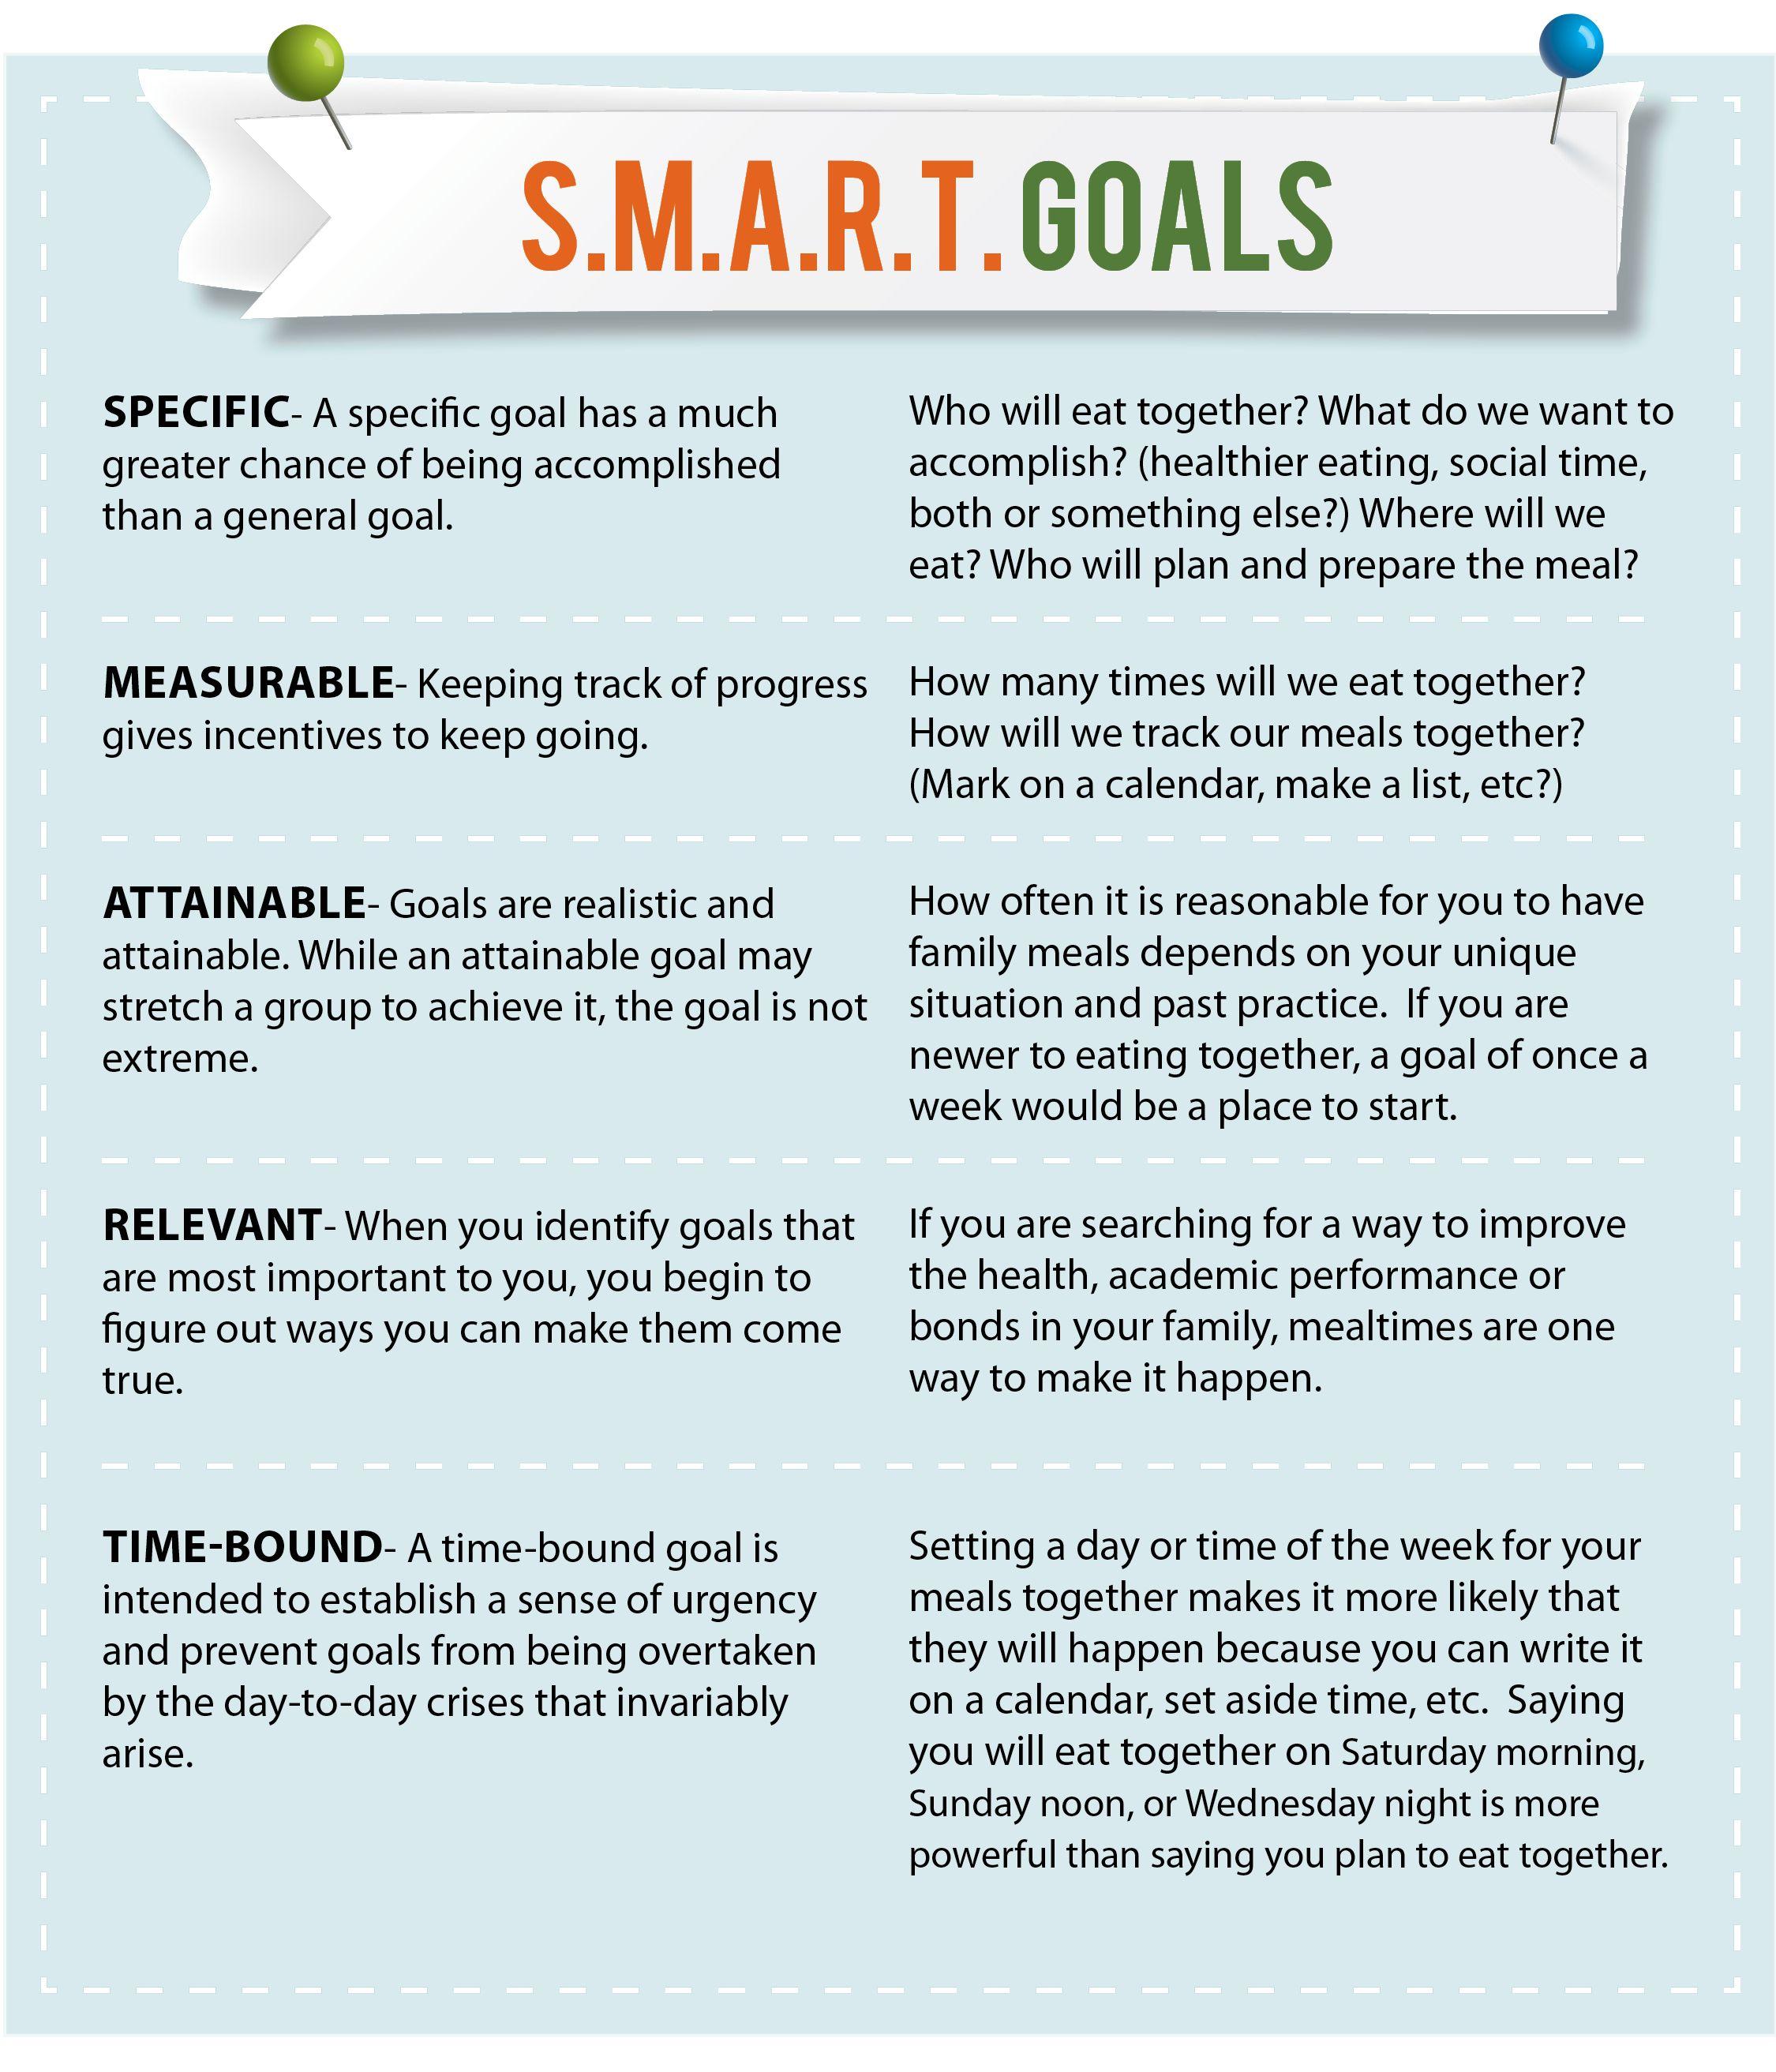 Smart Goals A Graphic Description